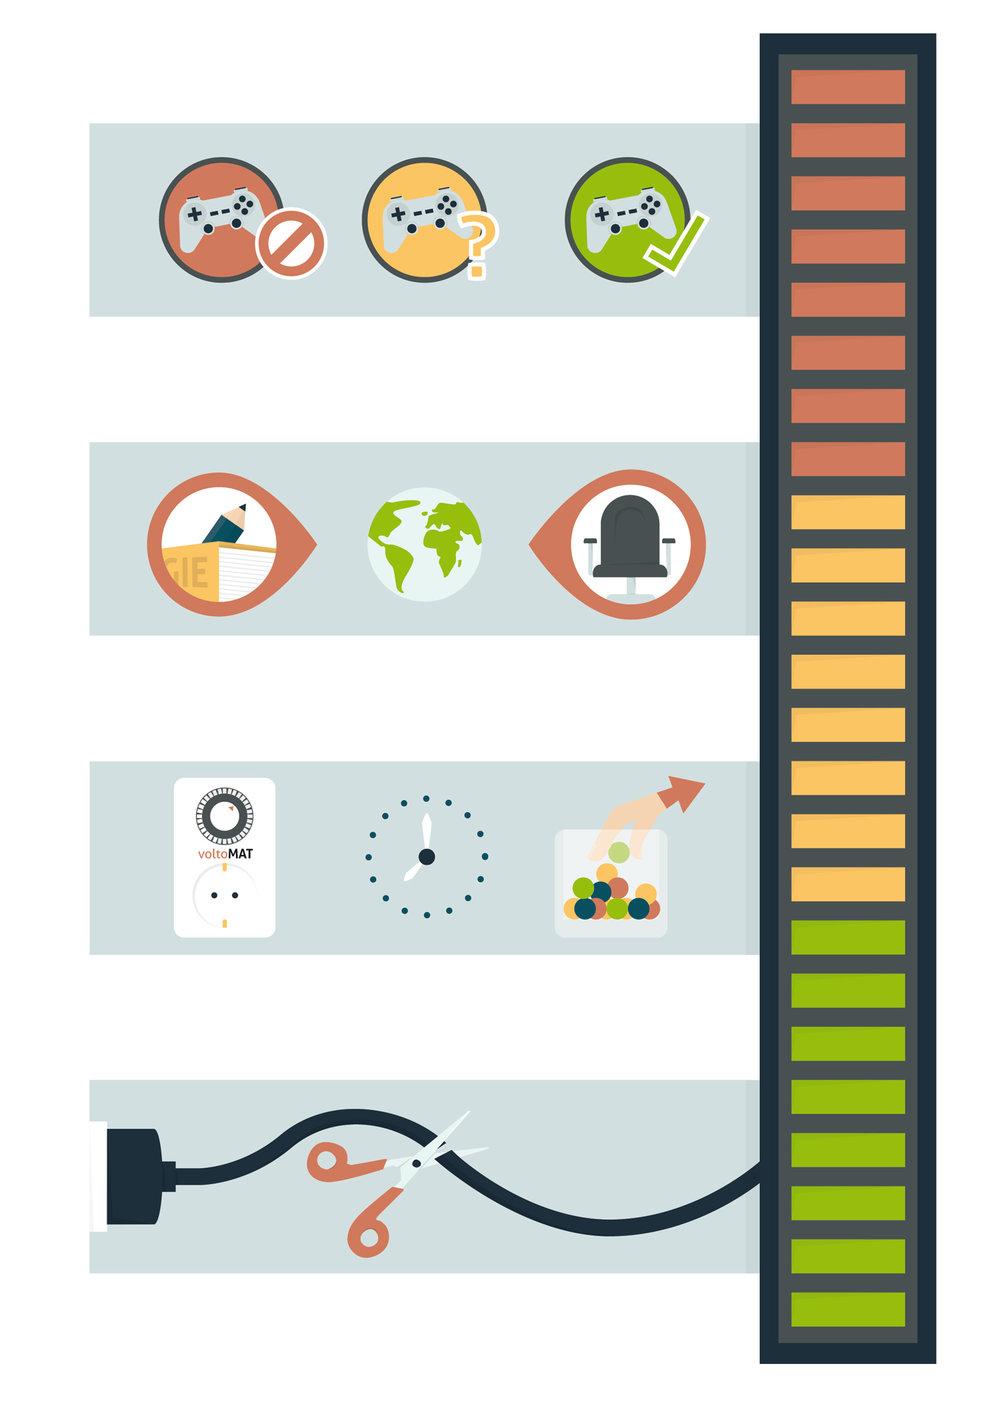 Sachbuch Illustration Medienkonsum kontrollieren - Elisabeth Deim